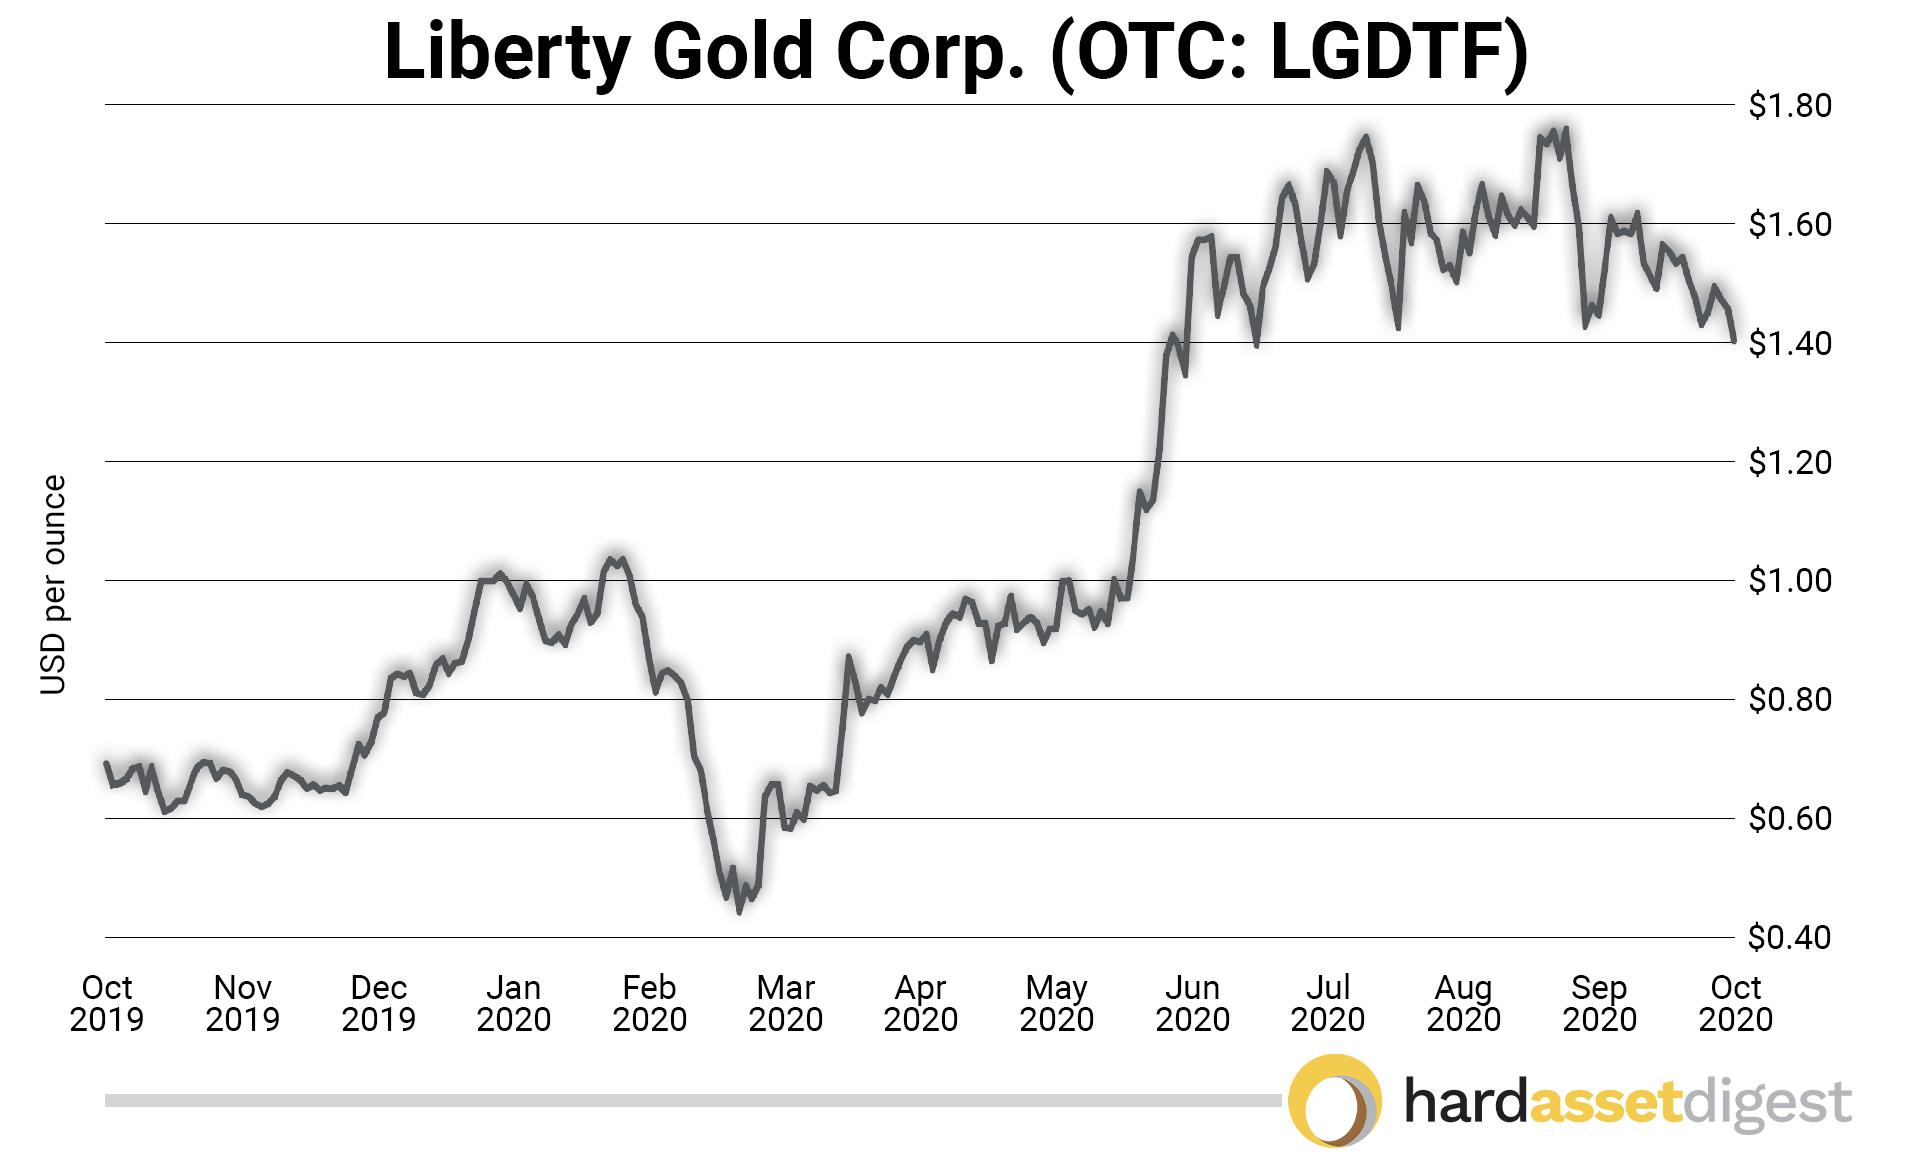 Liberty Gold Corp